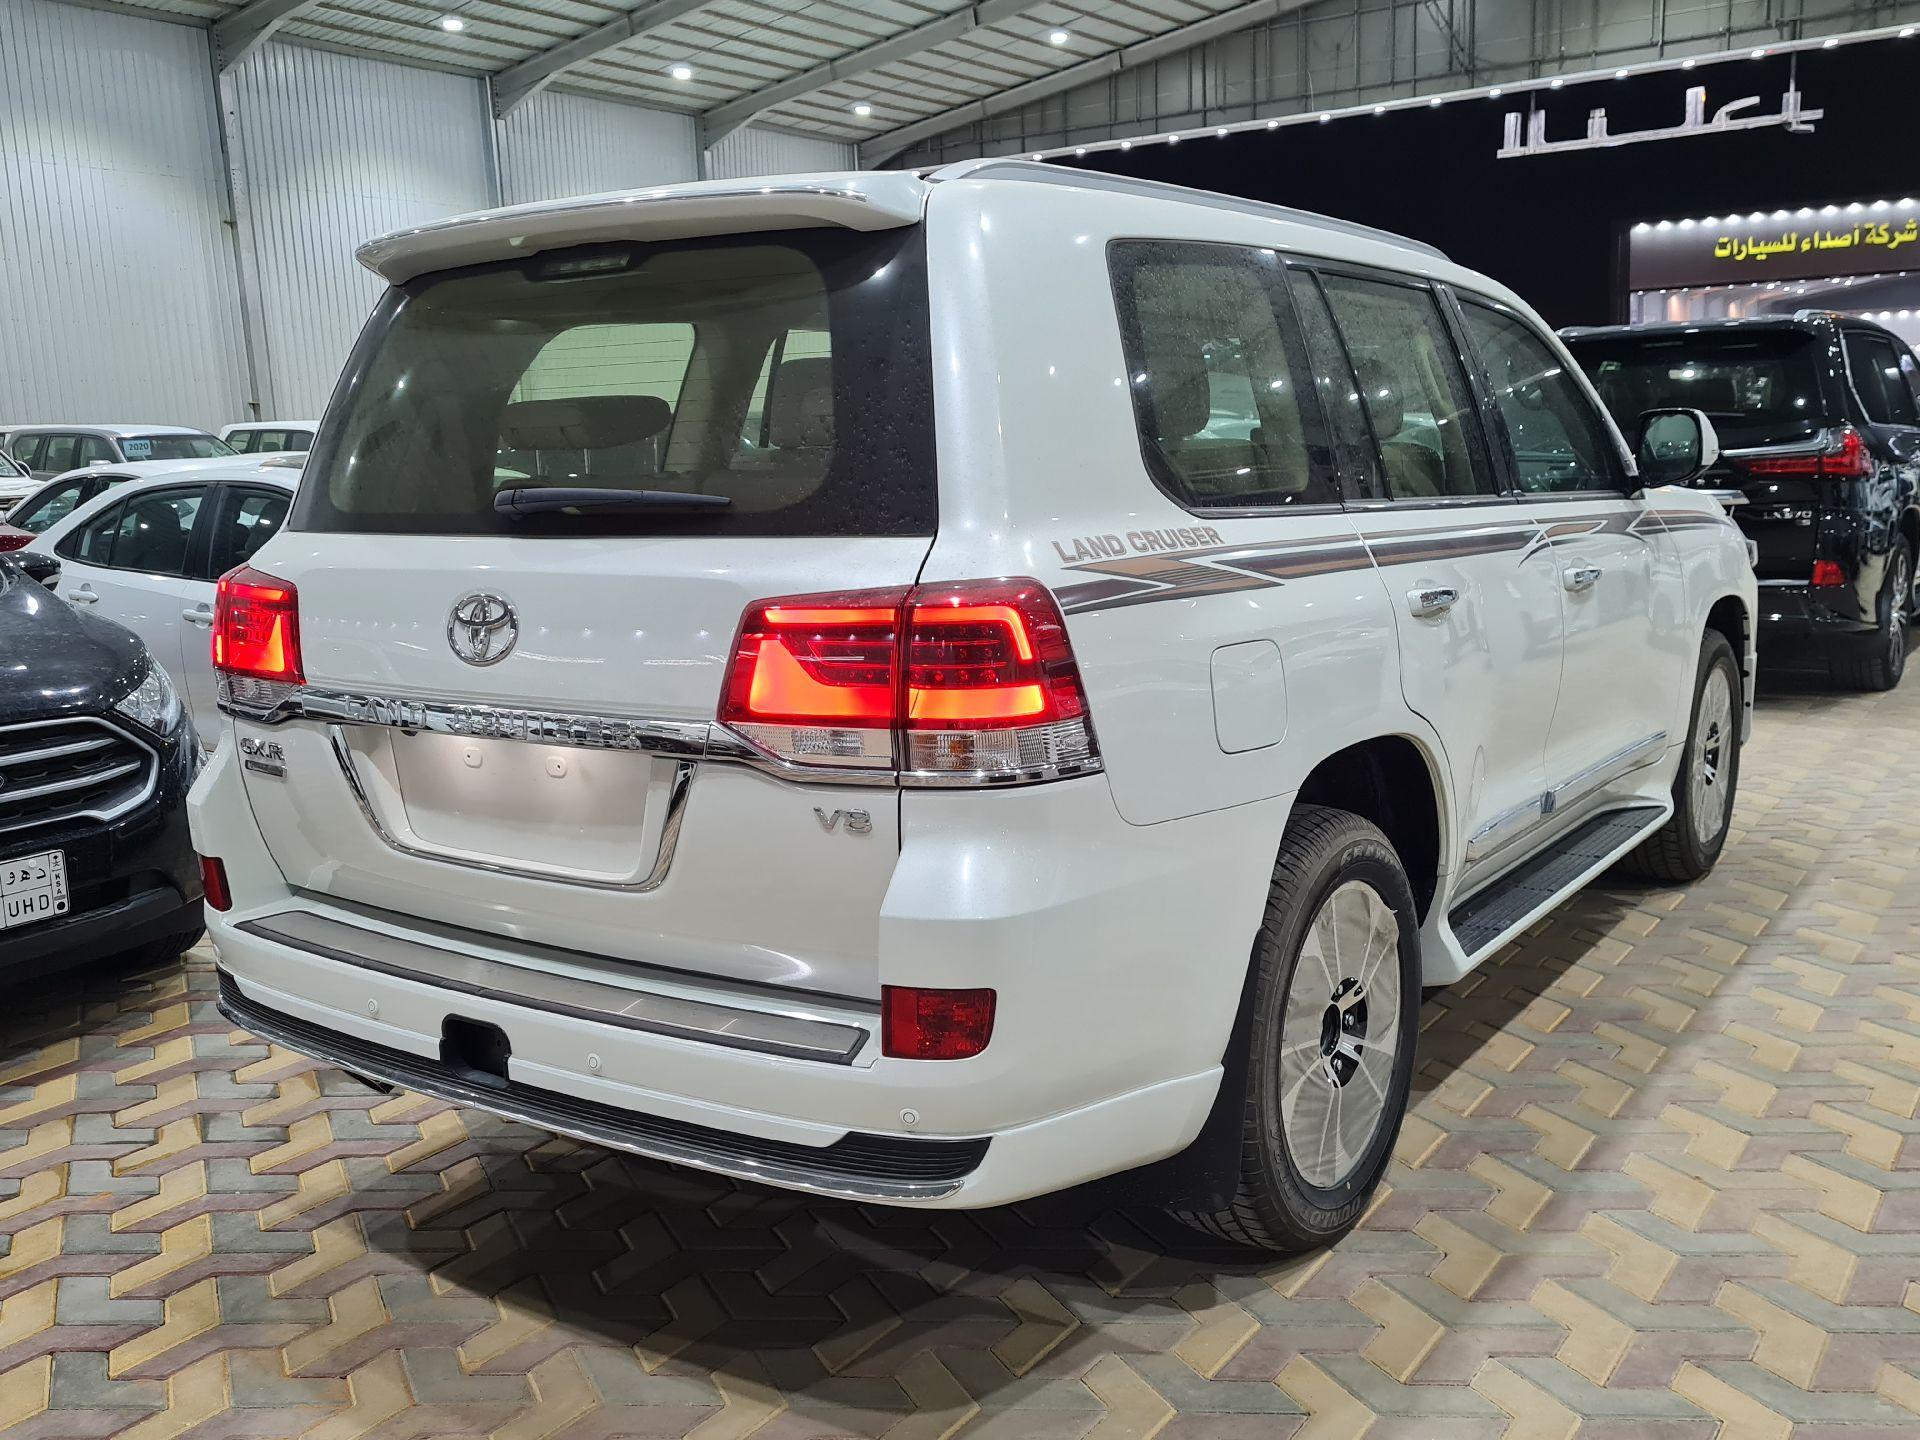 تويوتا لاندكروزر GXR قراند تورنق فل دبل 2021 بريمي جديد للبيع في الرياض - السعودية - صورة كبيرة - 5